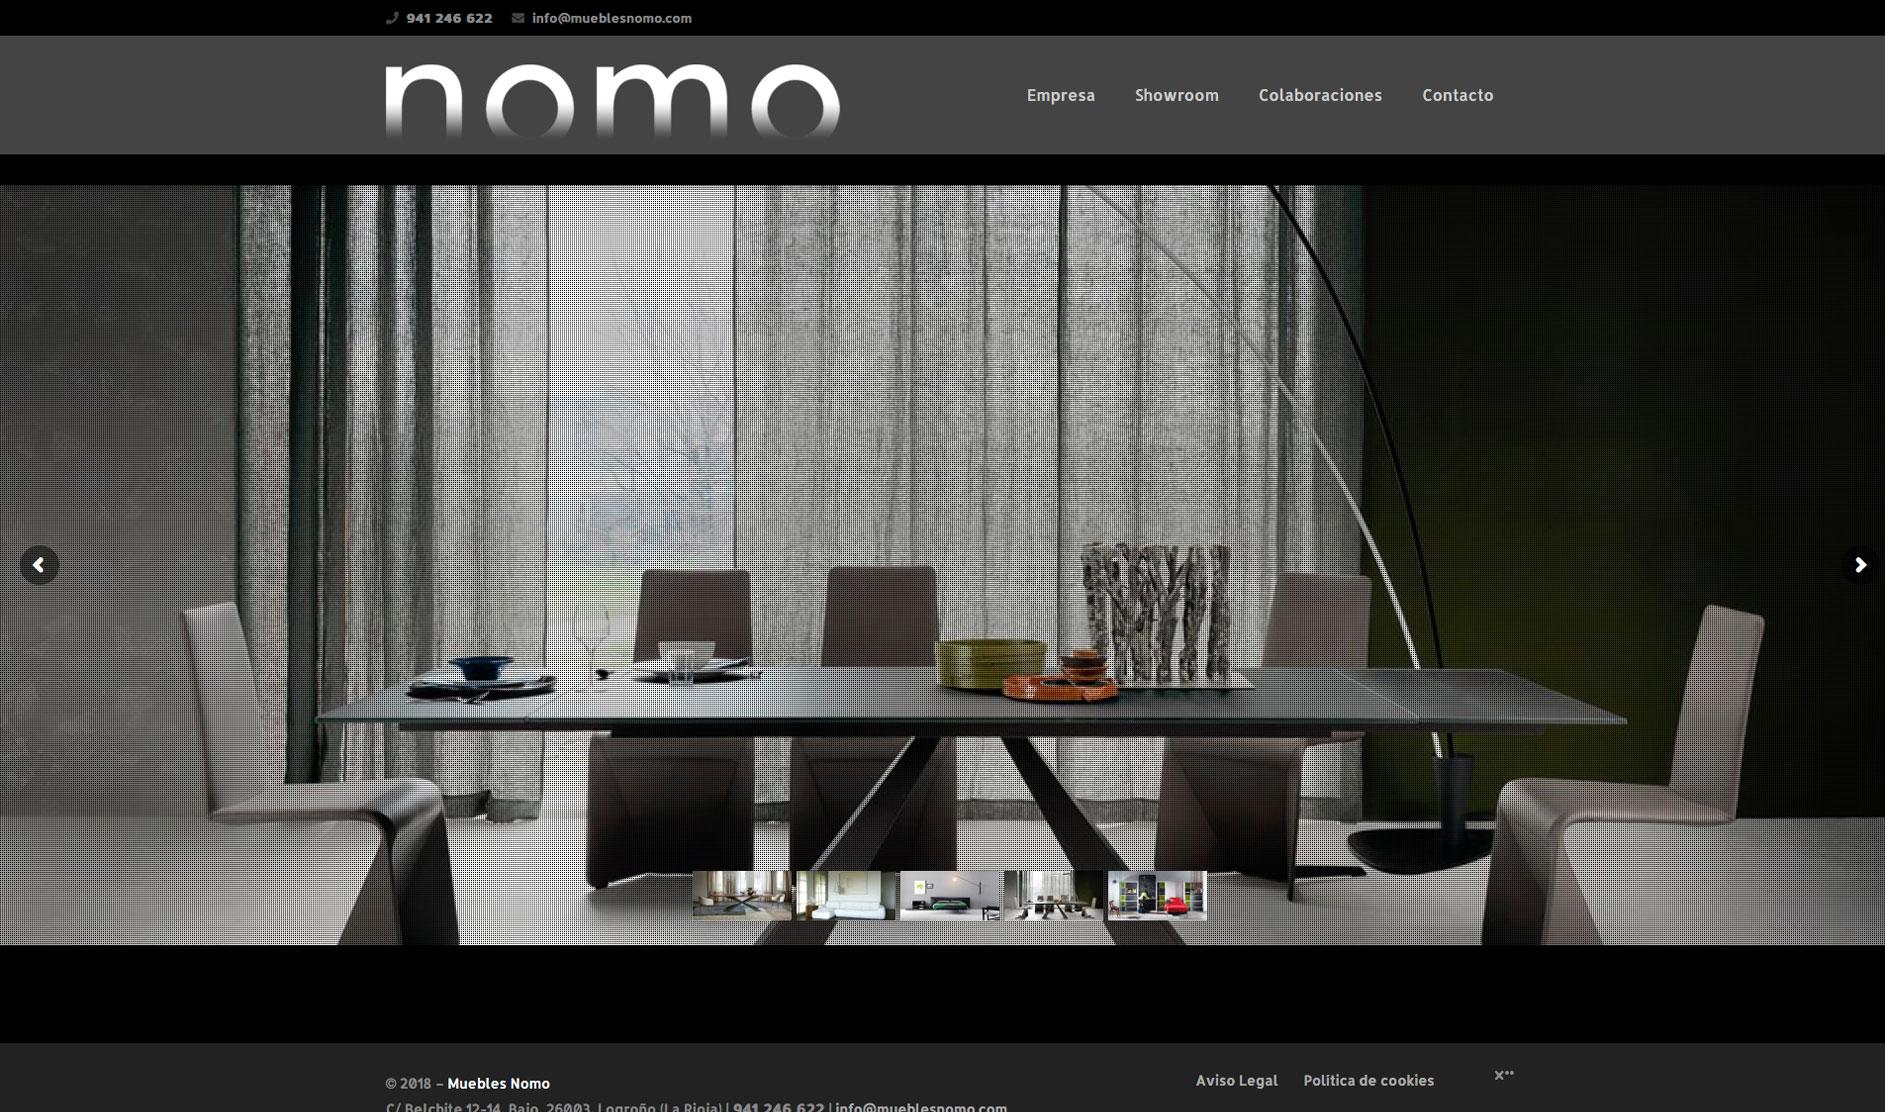 Sitio web: Muebles Nomo